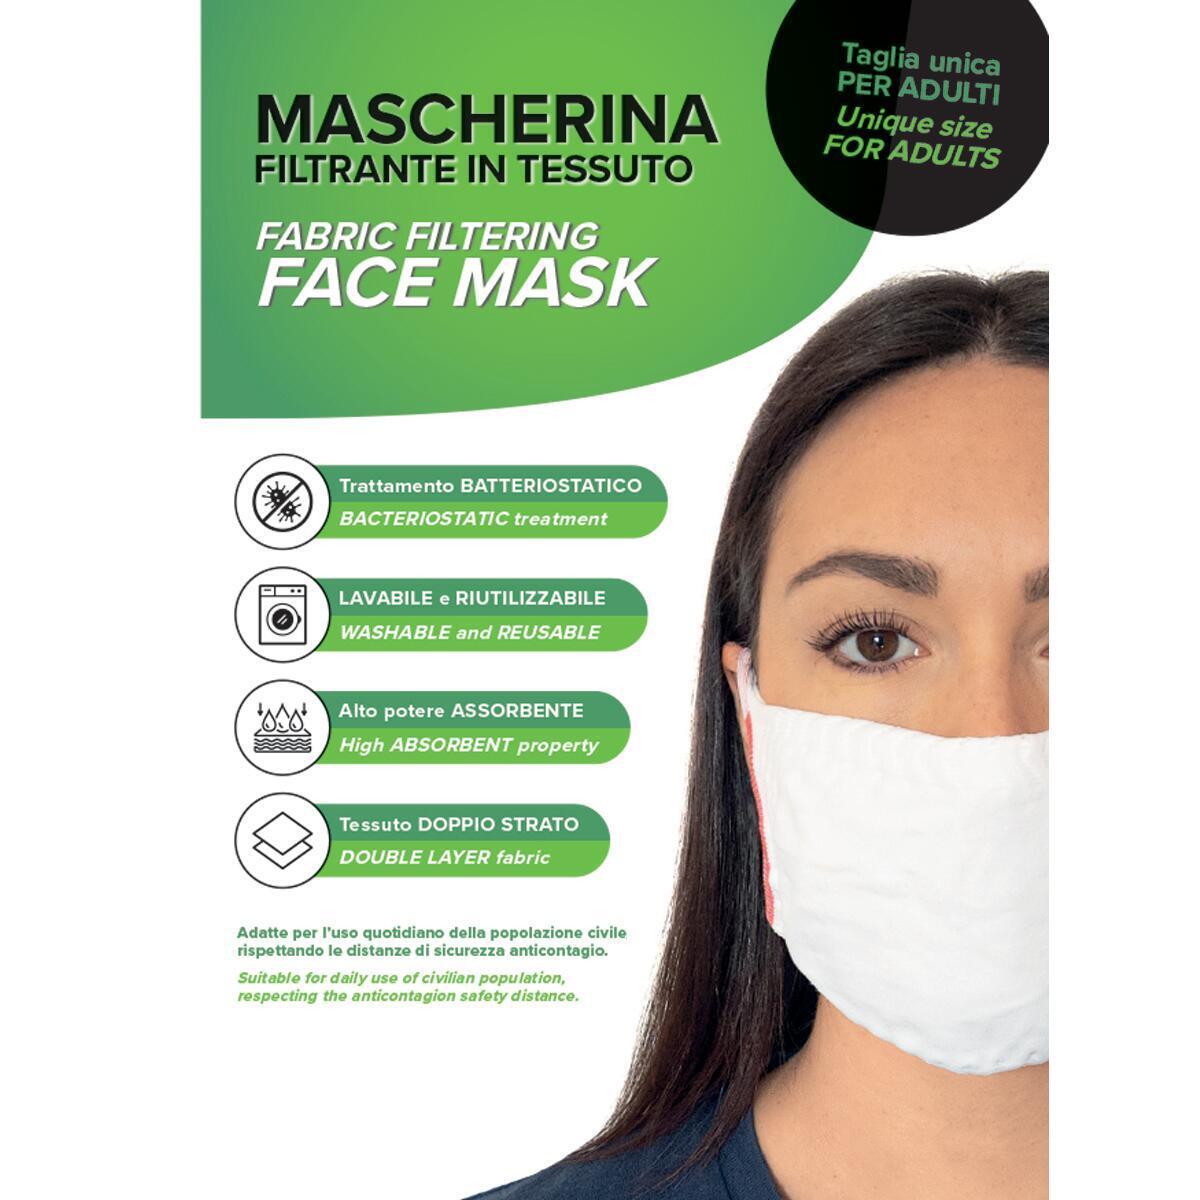 Maschera in tessuto lavabile per utilizzo non sanitario 3 pezzi - 3